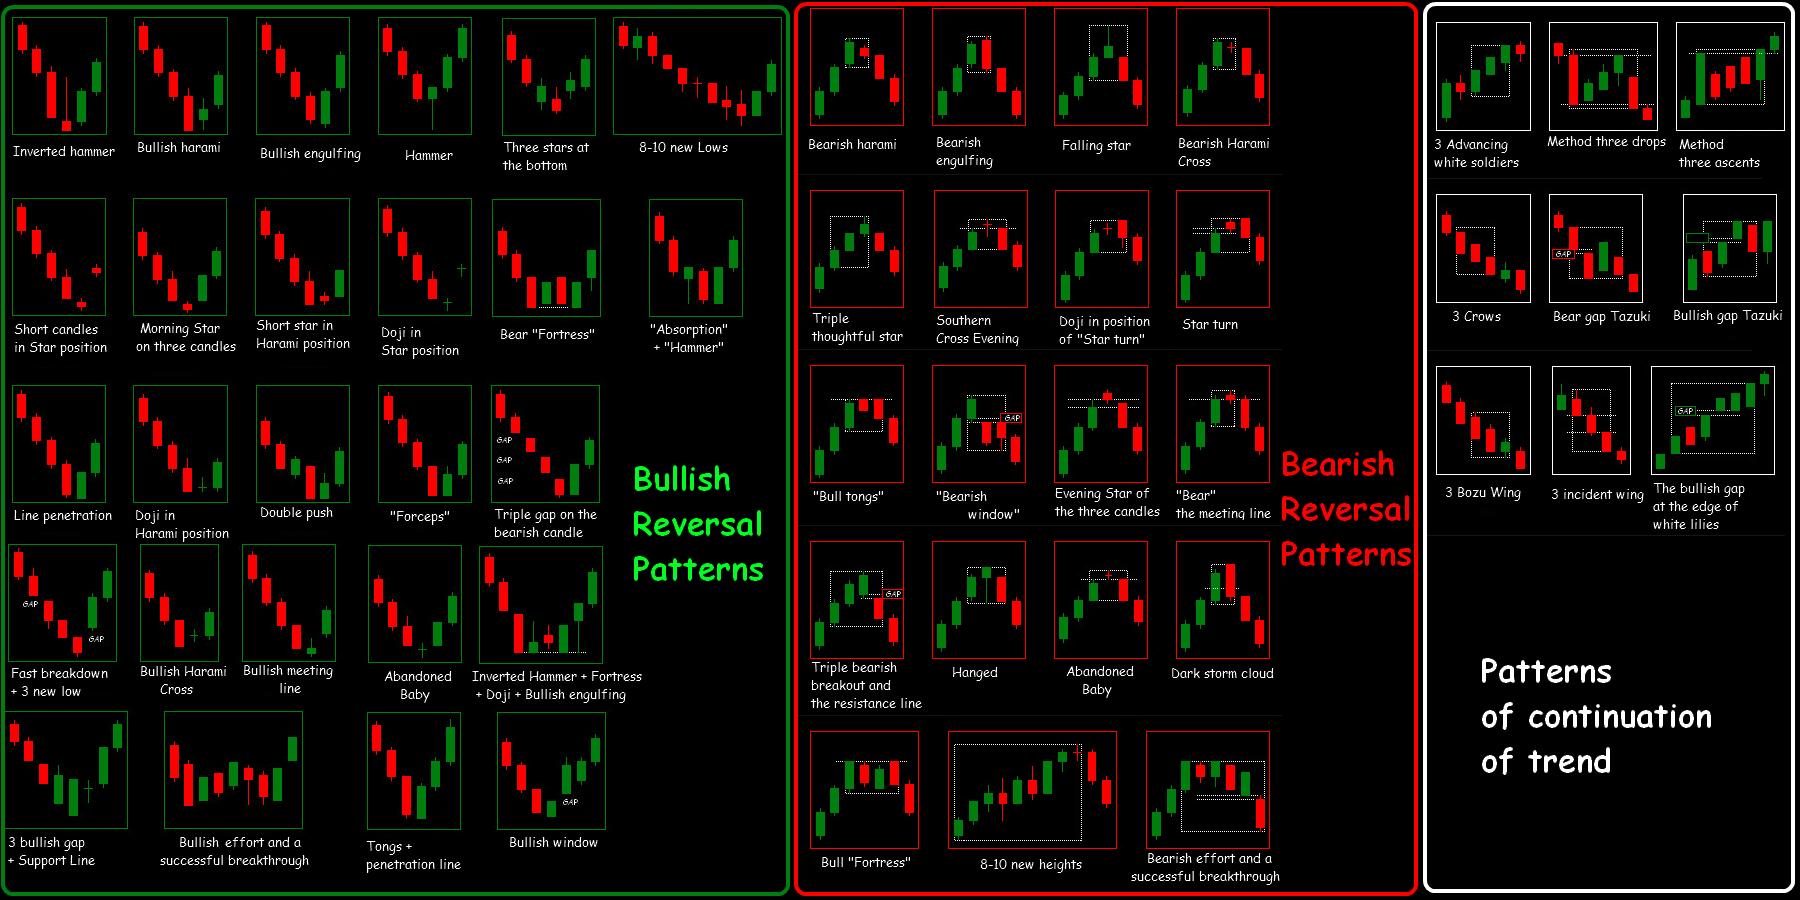 jelek a bináris opciók befektetéséhez Aurora kereskedési platform